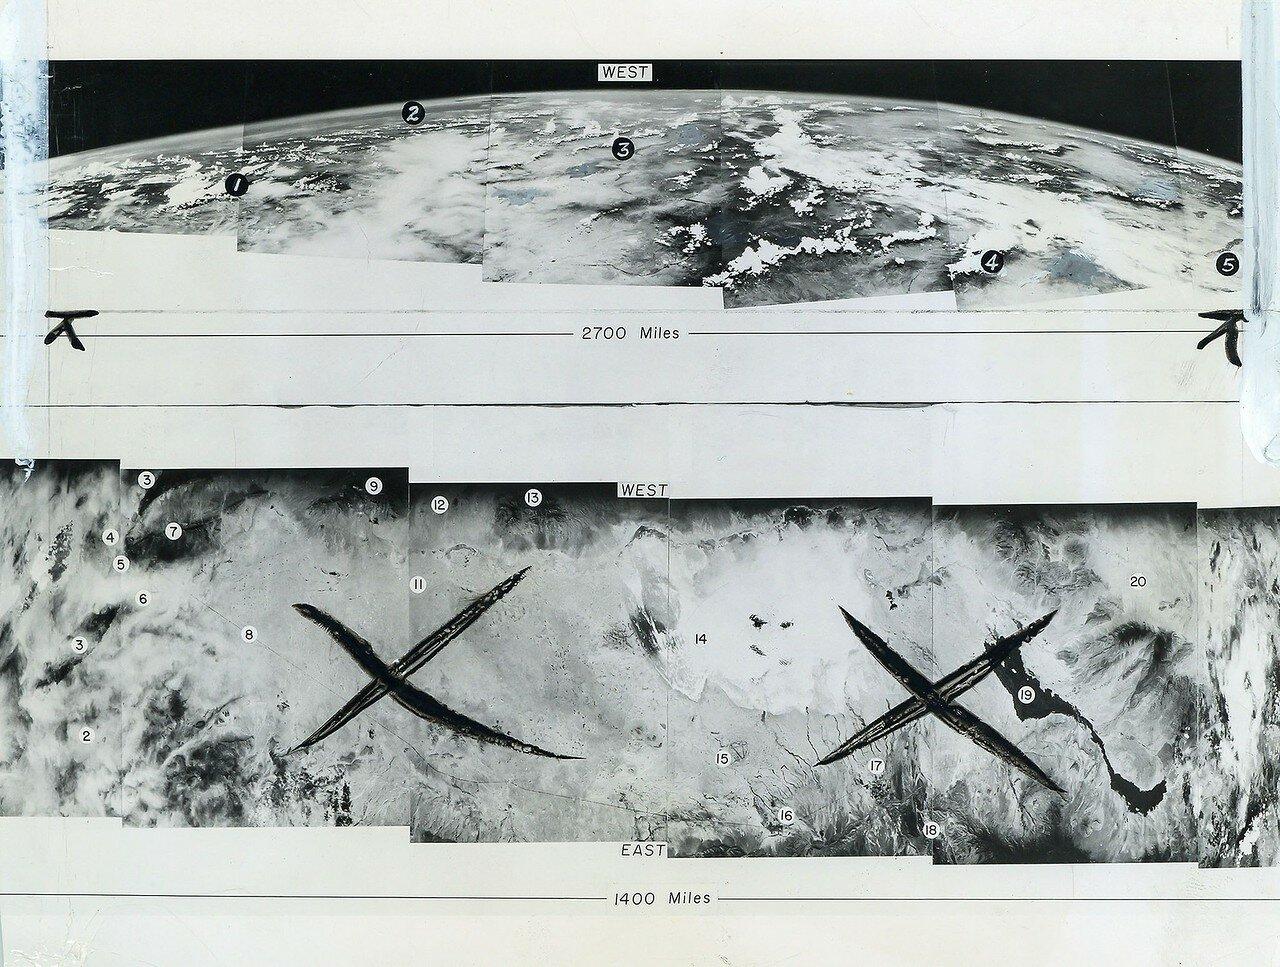 03. 1948, июль. Первая фотография кривизны Земли, сделанная автоматической камерой, прикрепленной к ракете.